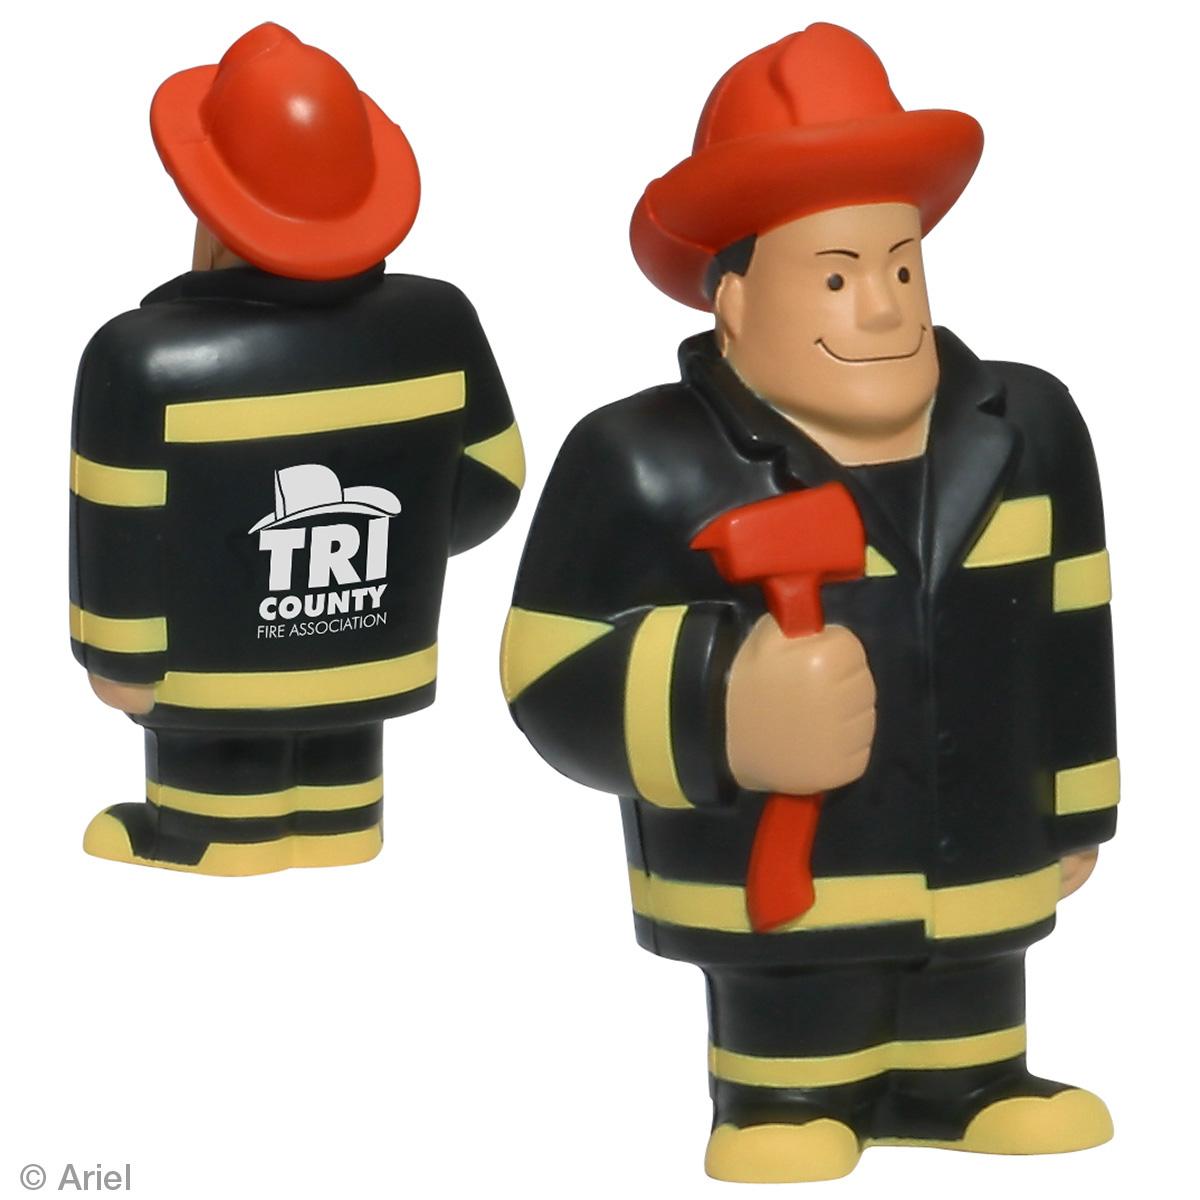 Fireman Stress Reliever, LCC-FM06, 1 Colour Imprint